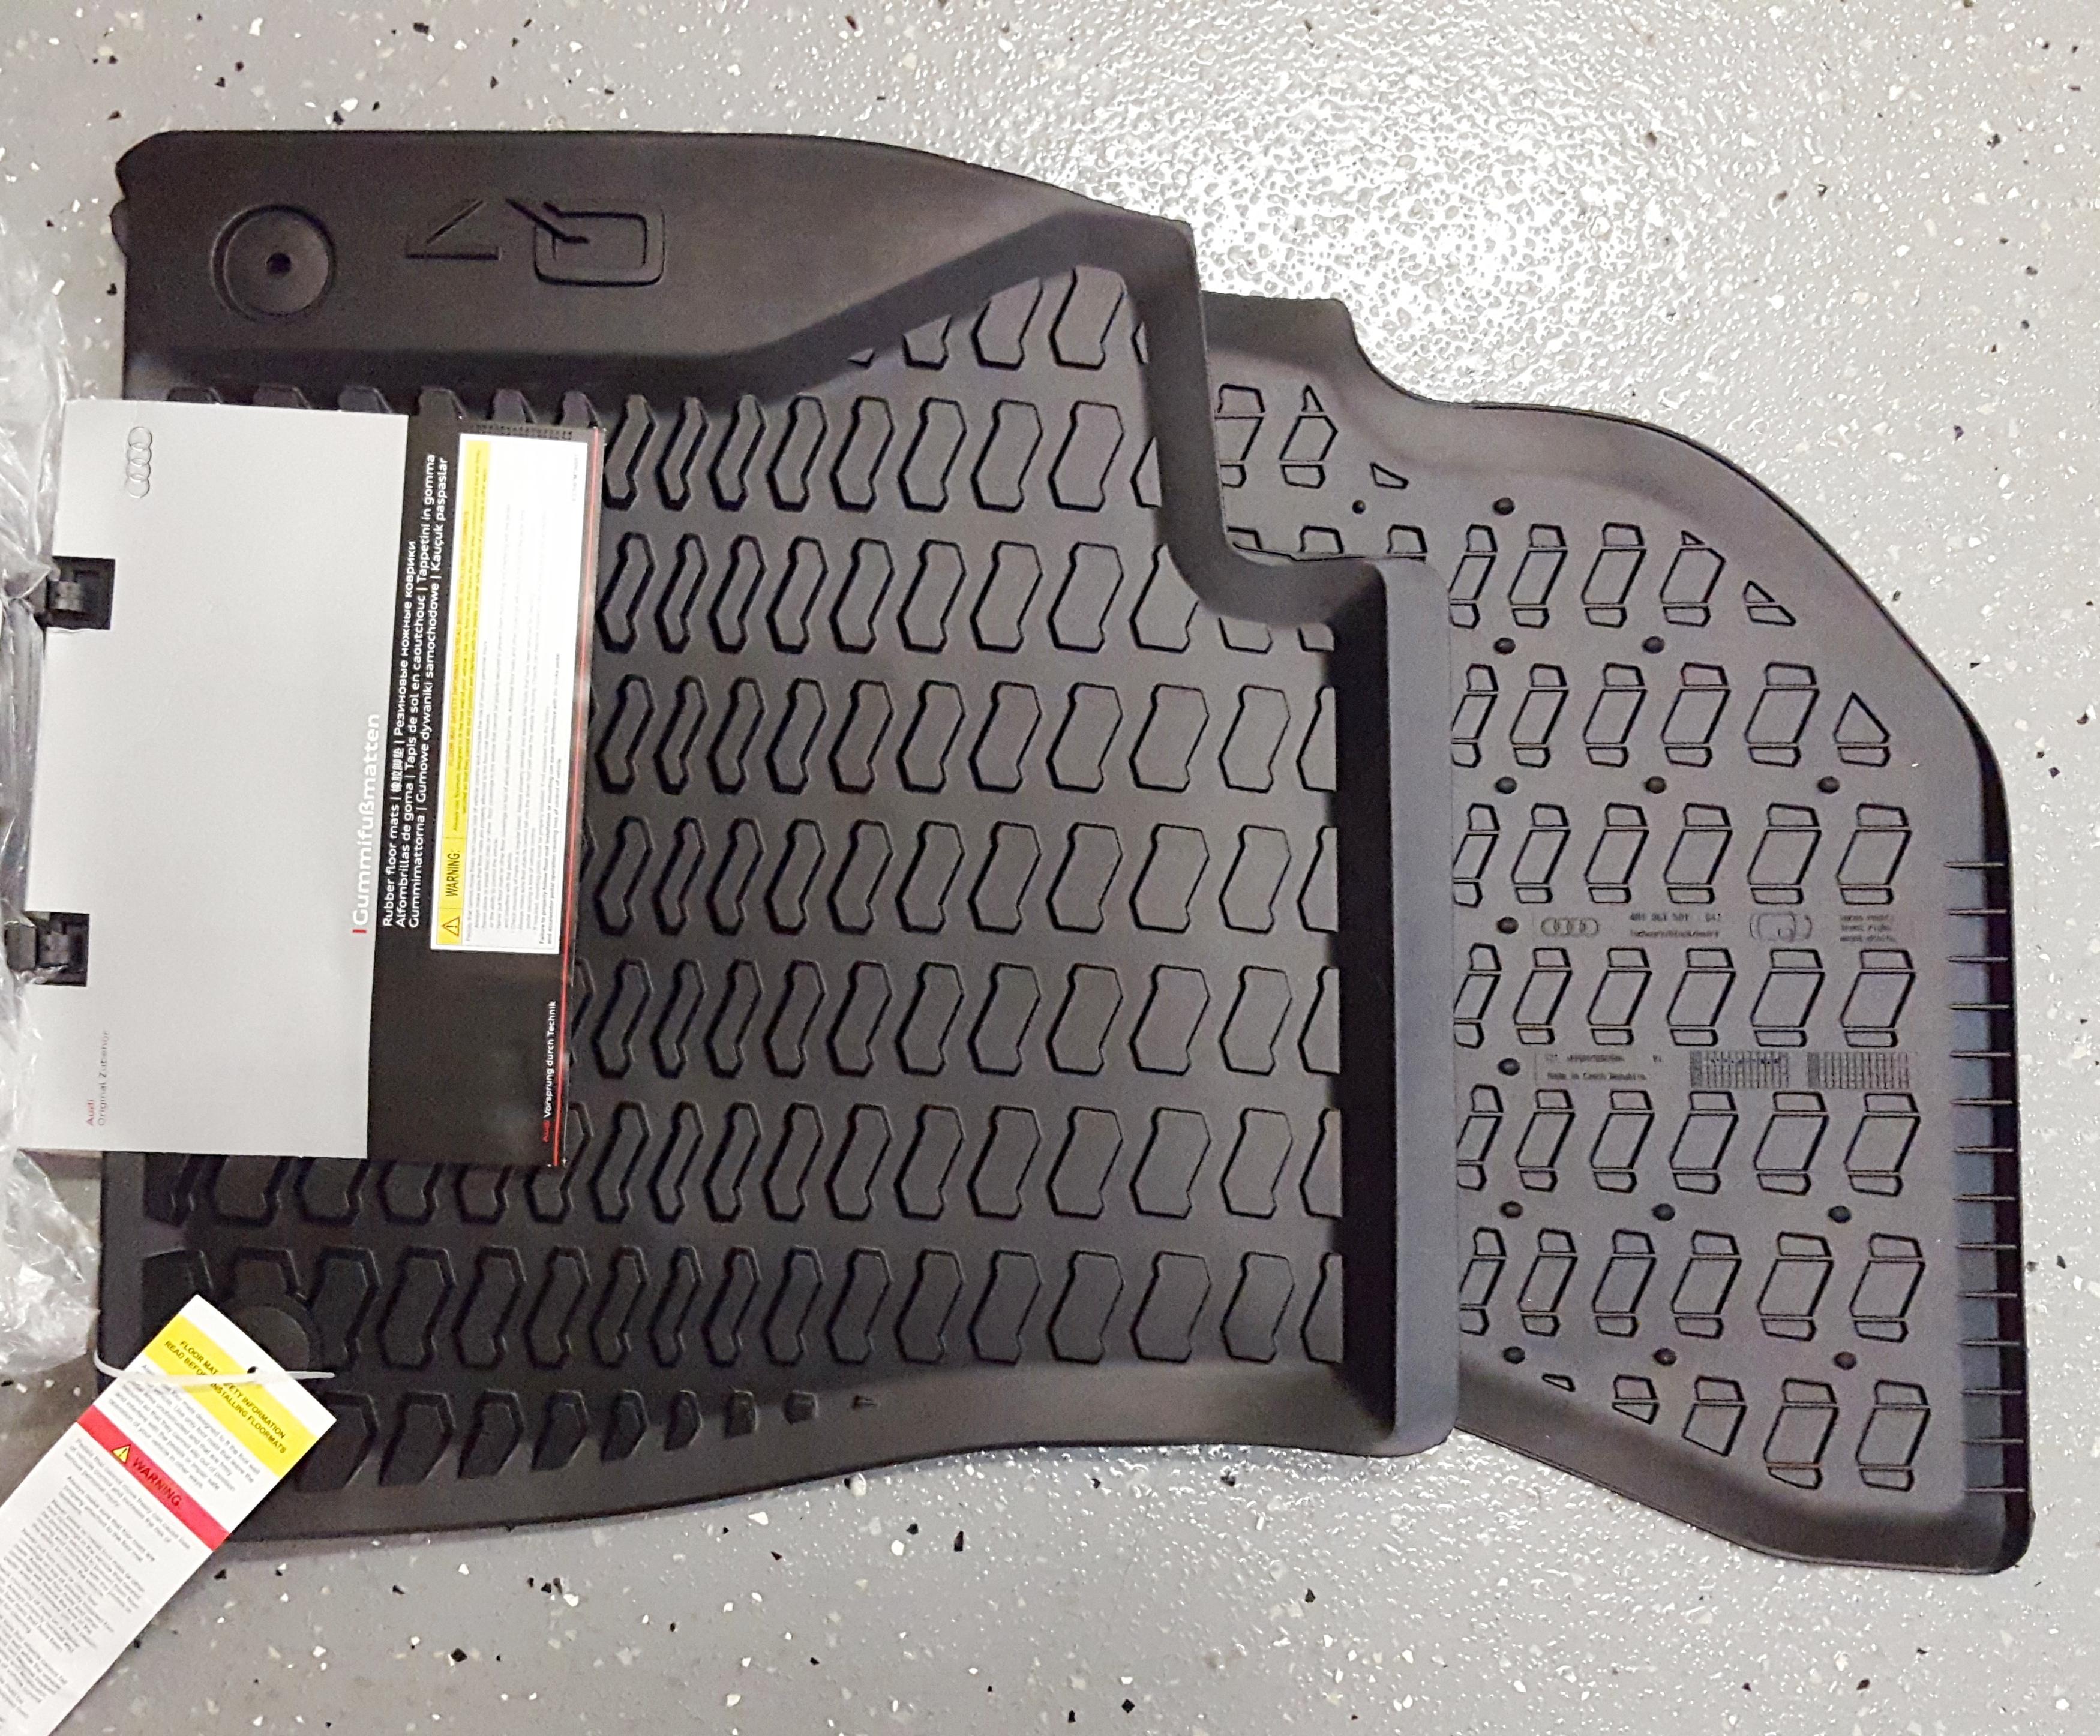 Q7 rubber floor mats - Audi Q7 2017 Genuine Oem Floor Mats 4m1 061 221 041 Front Pair